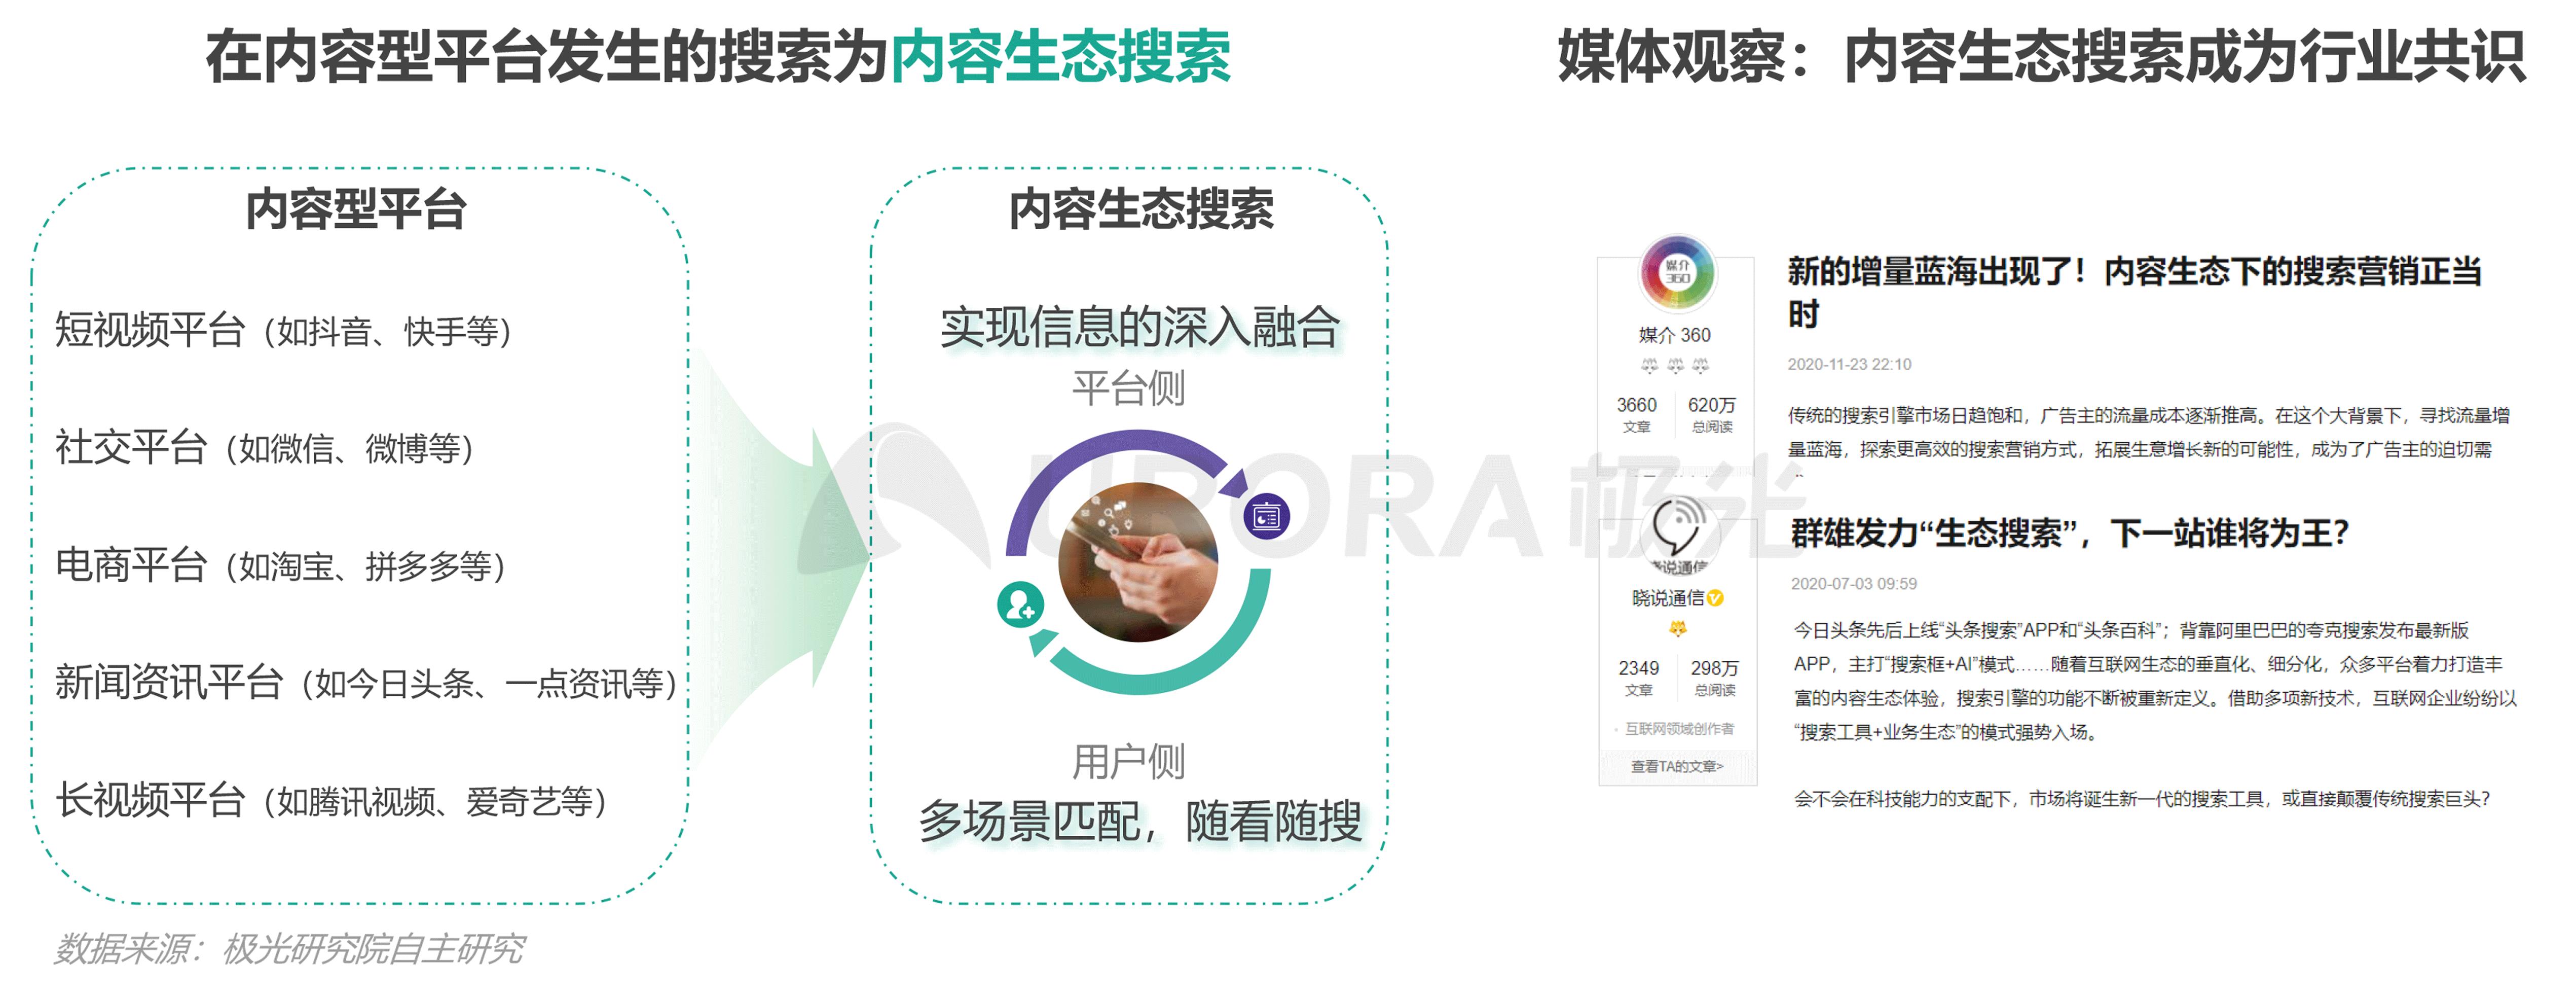 极光:内容生态搜索趋势报告png (6).png